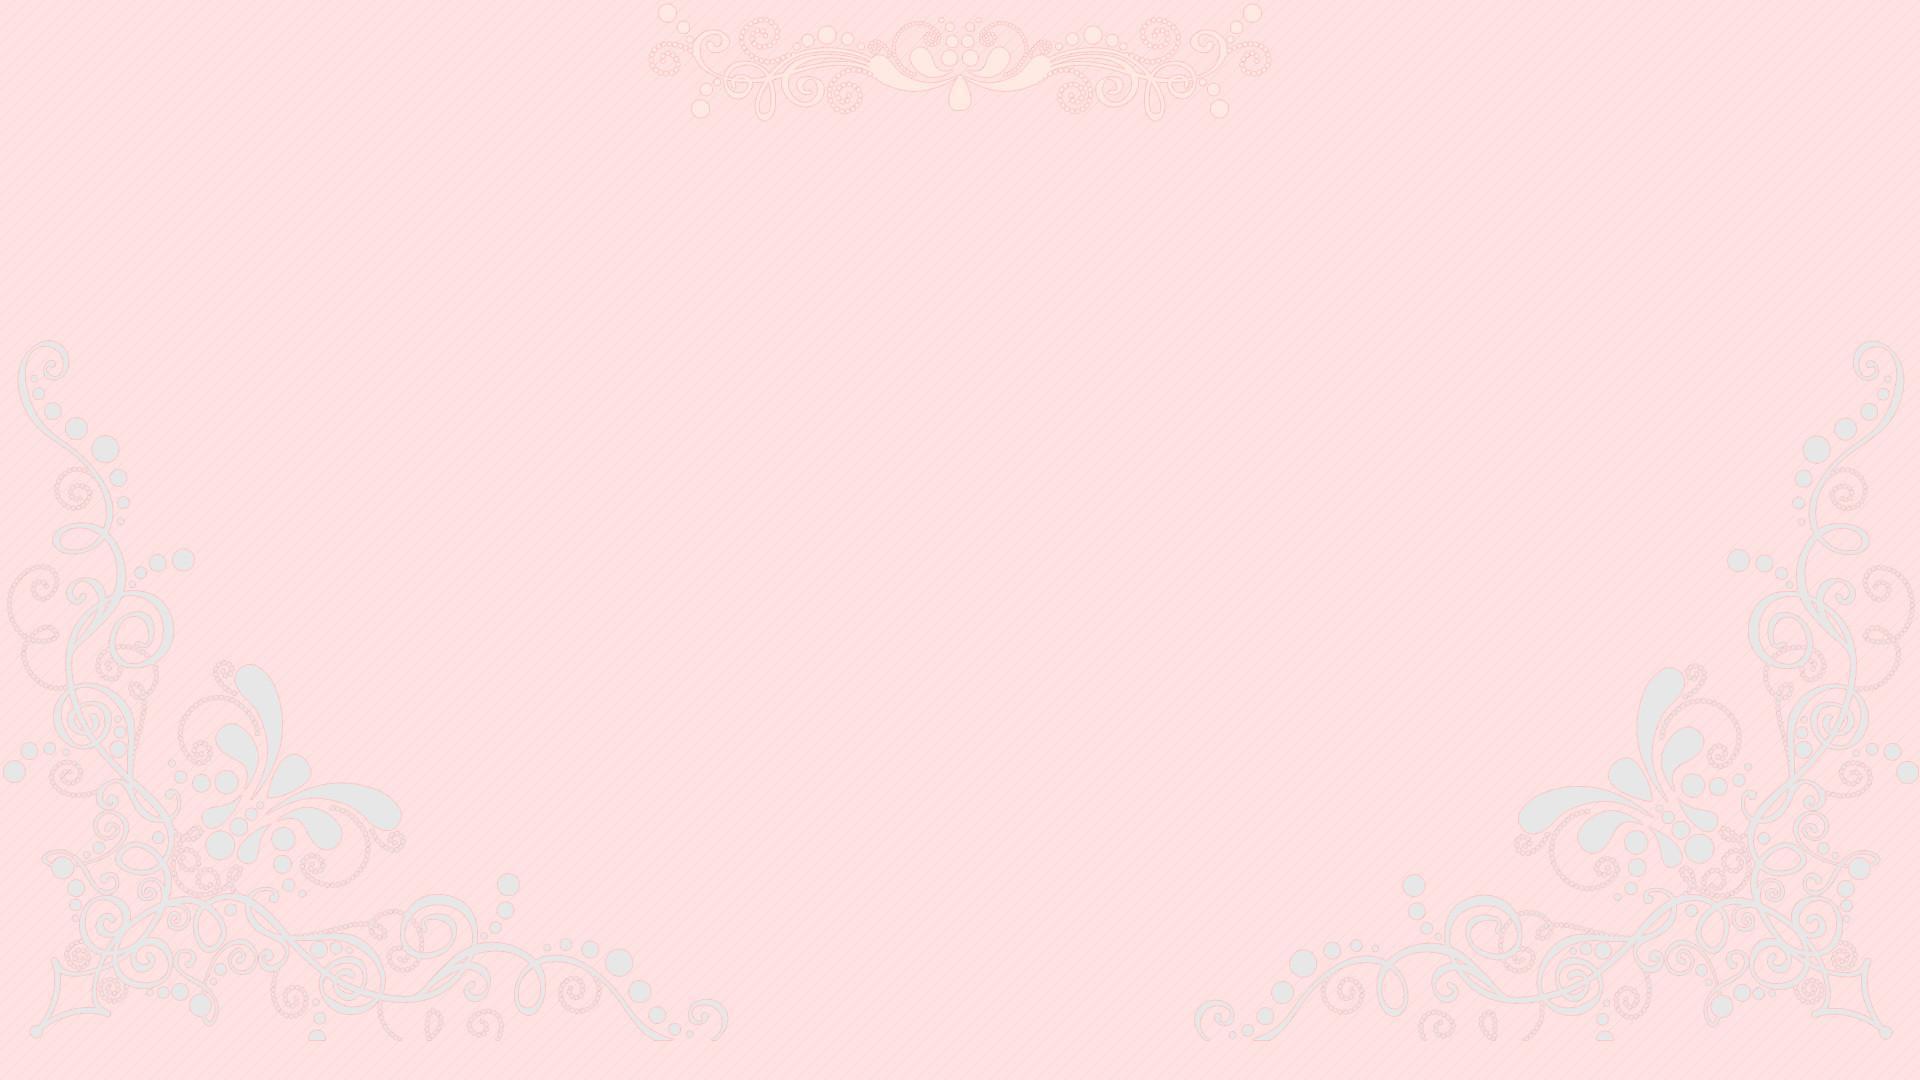 1920x1080 Pastel Pink Marble Hình nền máy tính xách tay